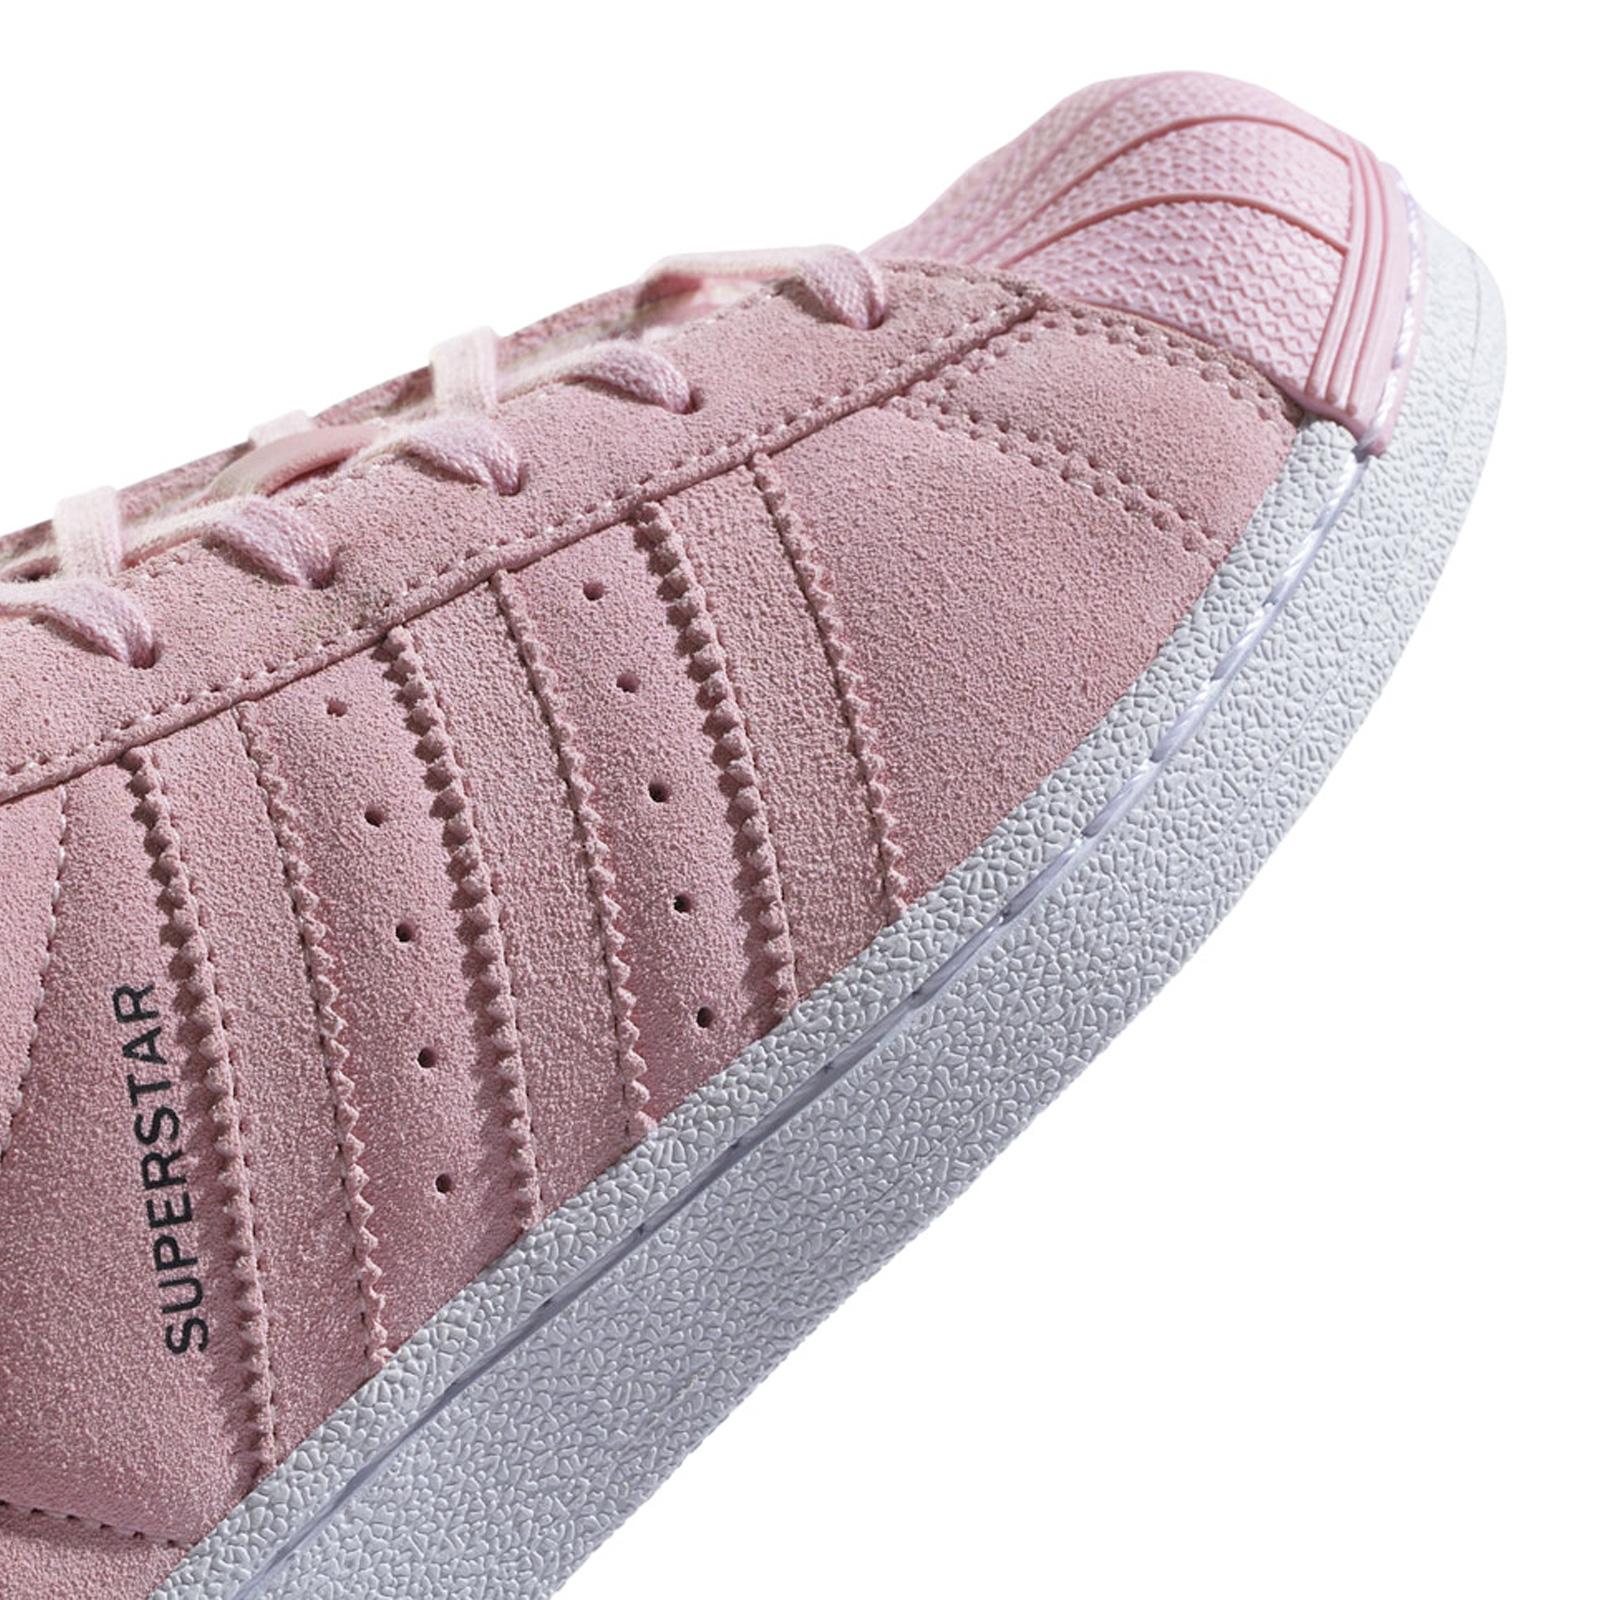 adidas Originals Superstar Damen Sneaker Turnschuhe Rosa Shell Toe Camouflage